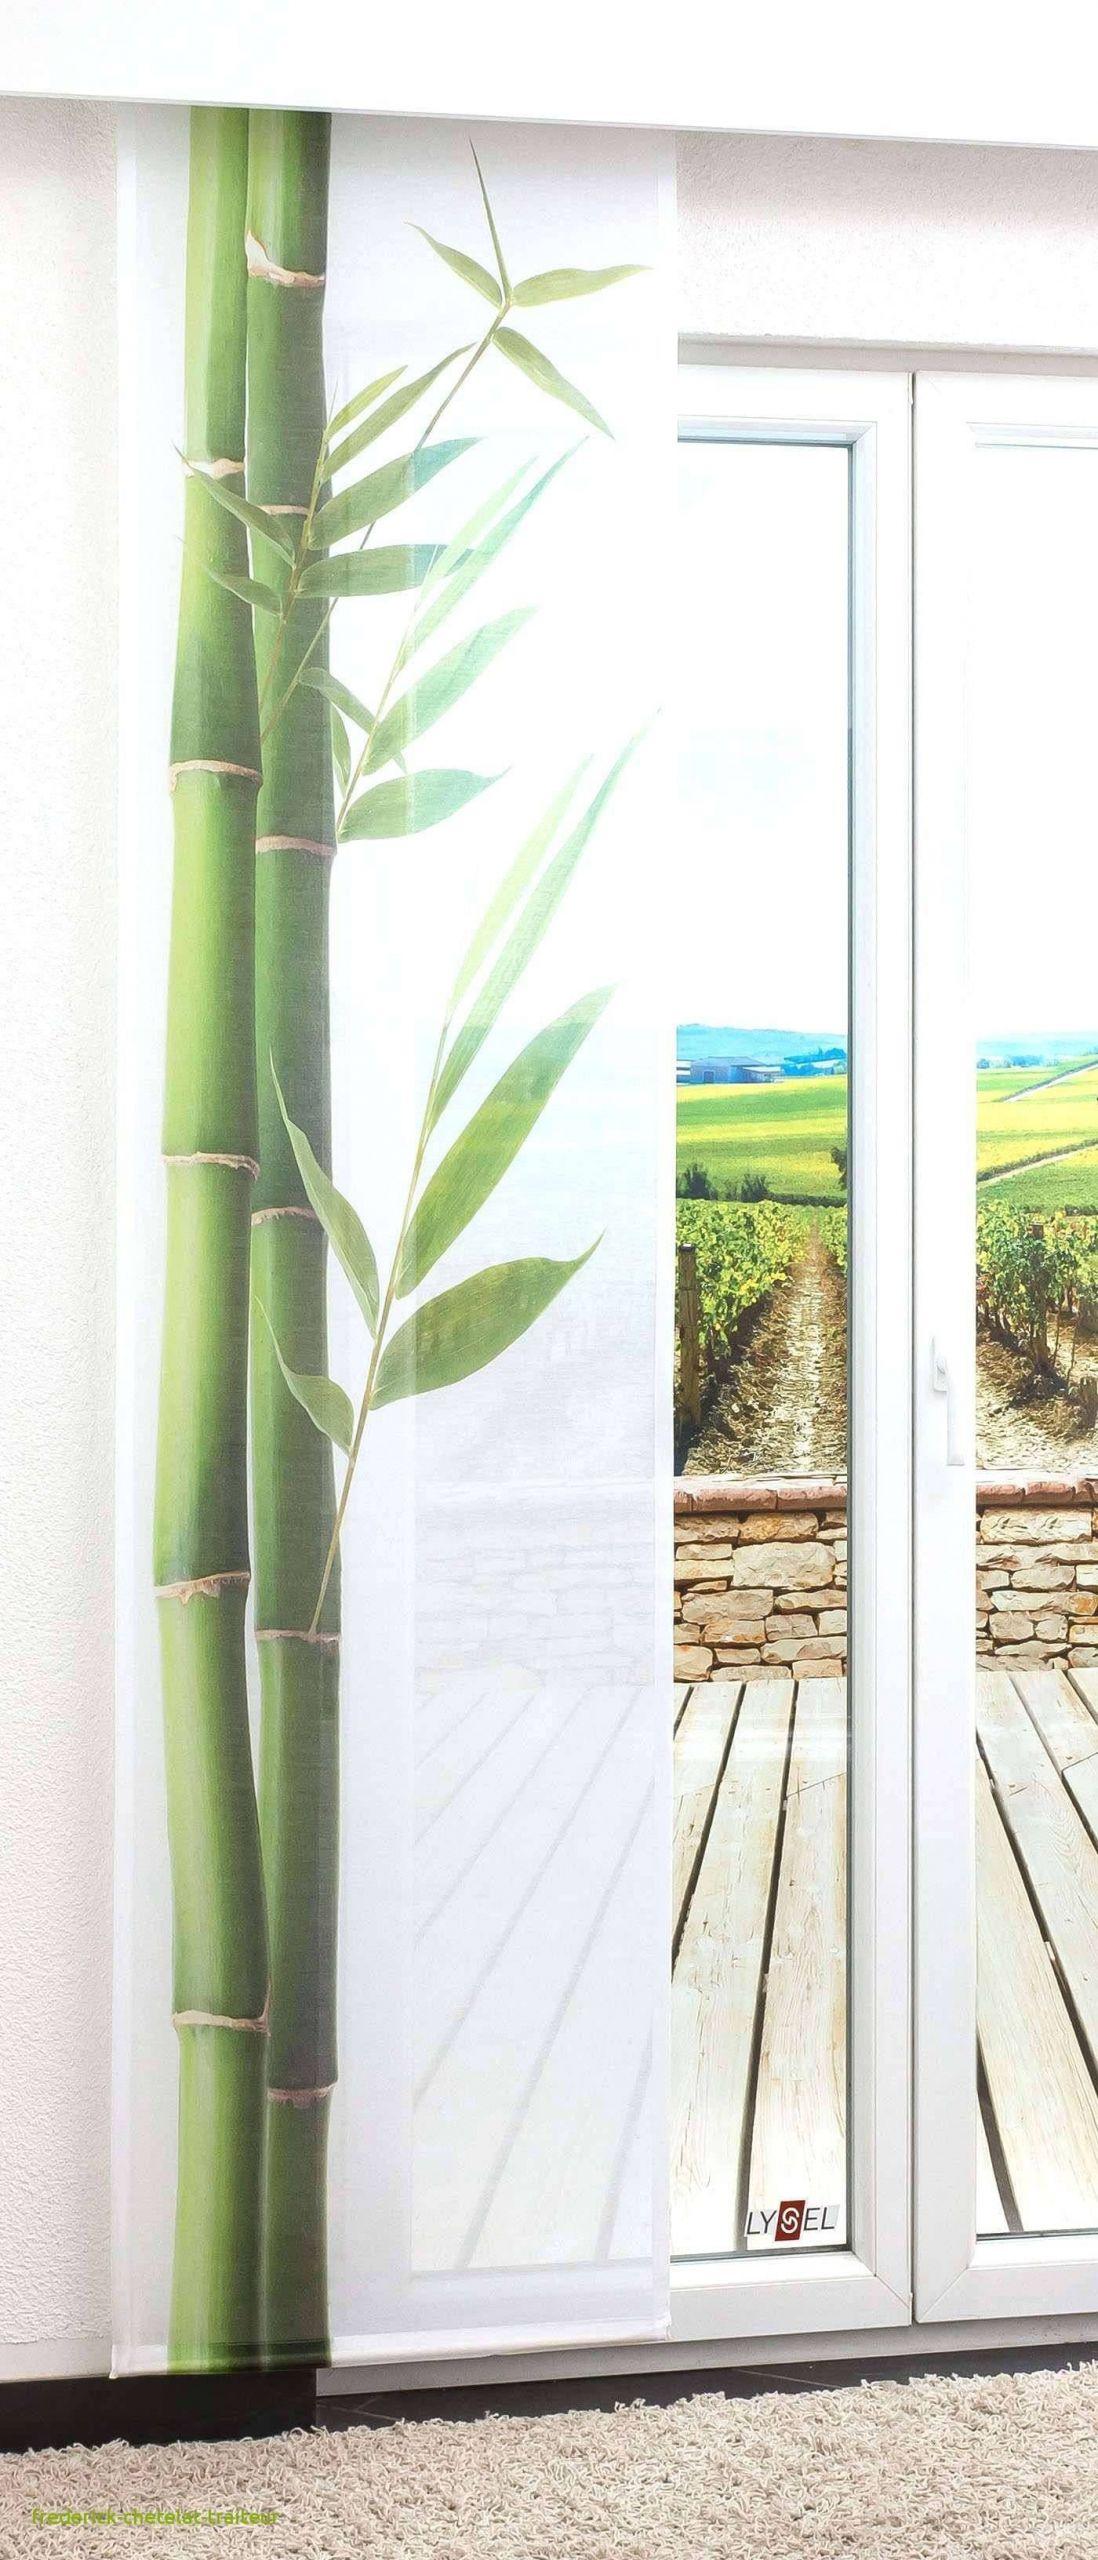 wohnzimmermobel leiner luxury 42 schon sichtschutz gunstig grafik of wohnzimmermobel leiner